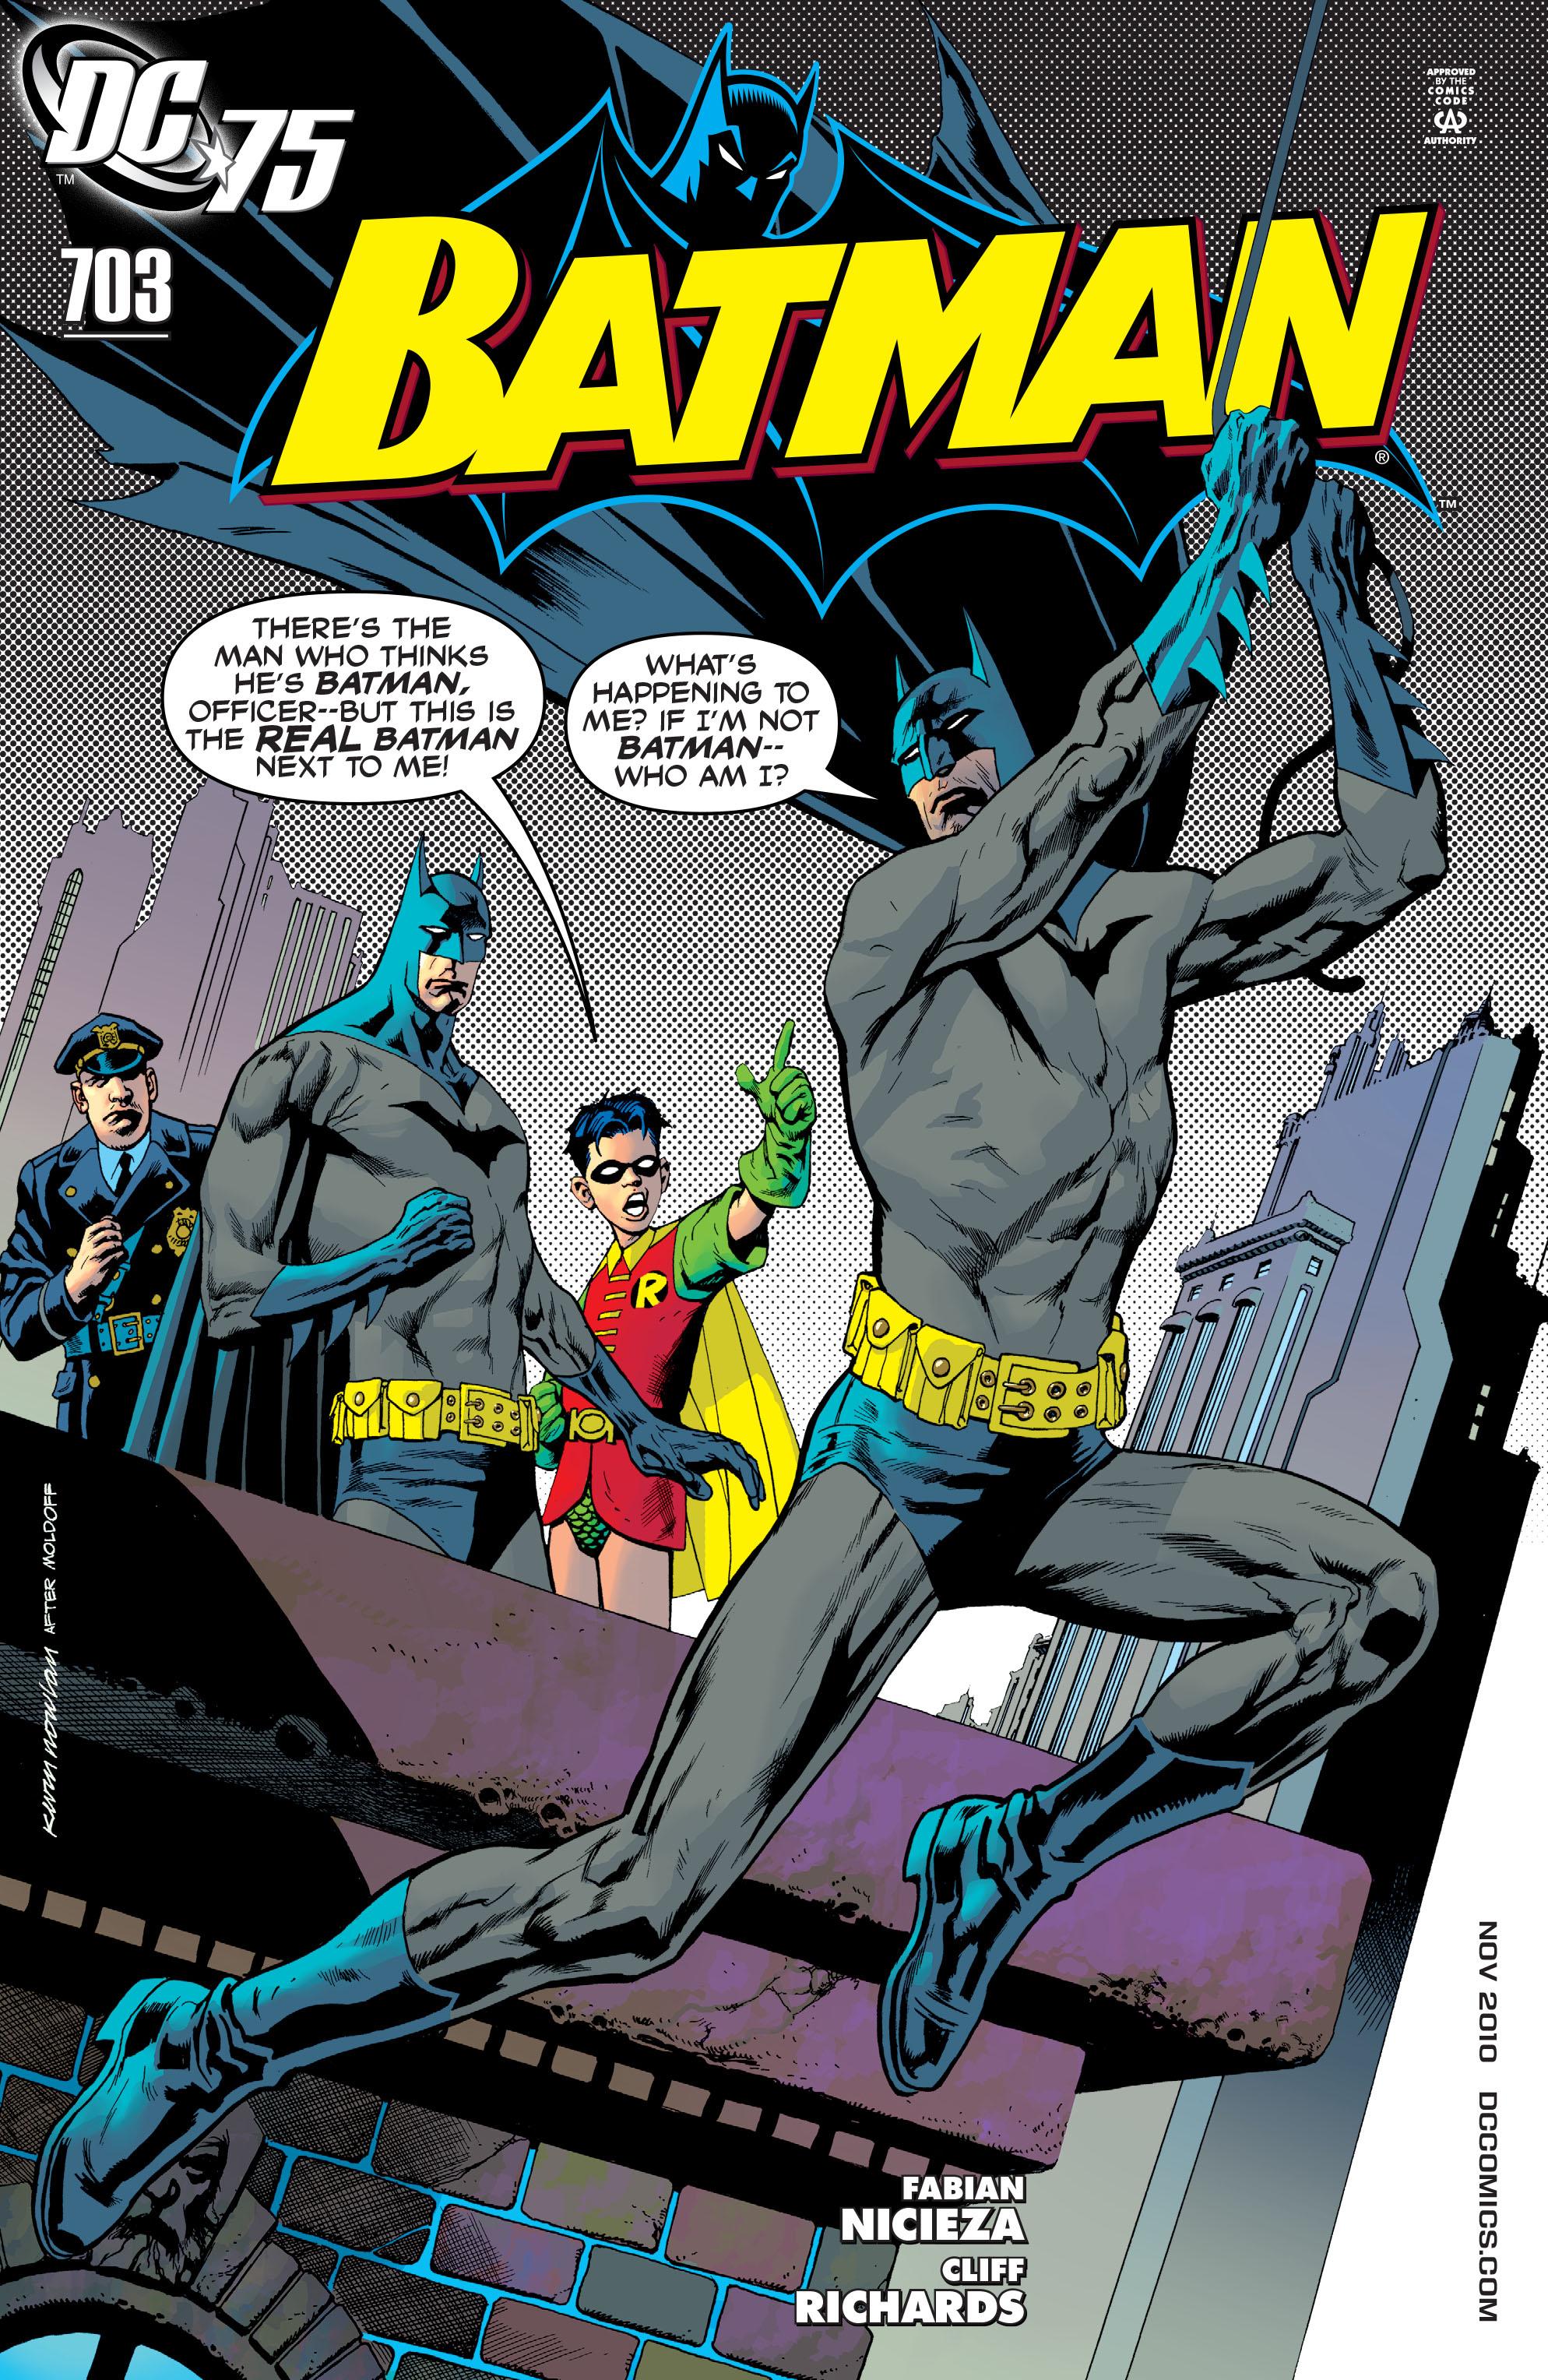 Batman (1940) 703 Page 2